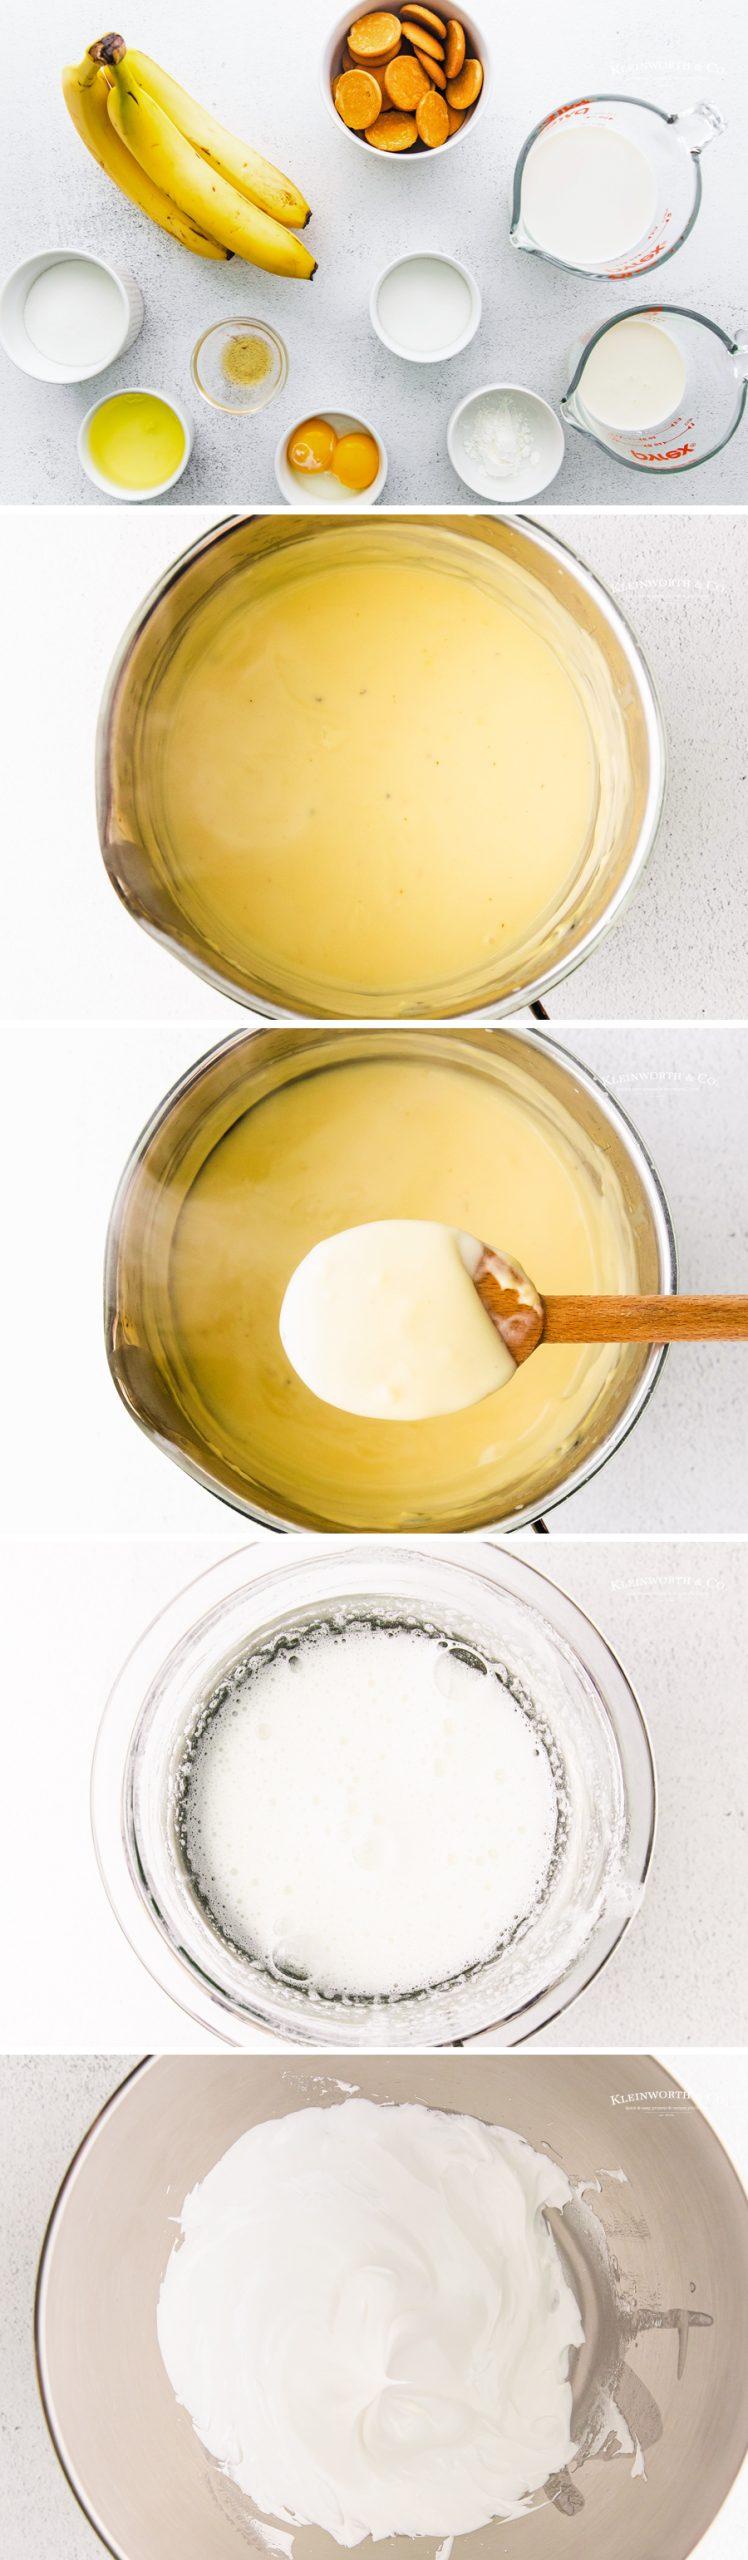 how to to make Banana Pudding